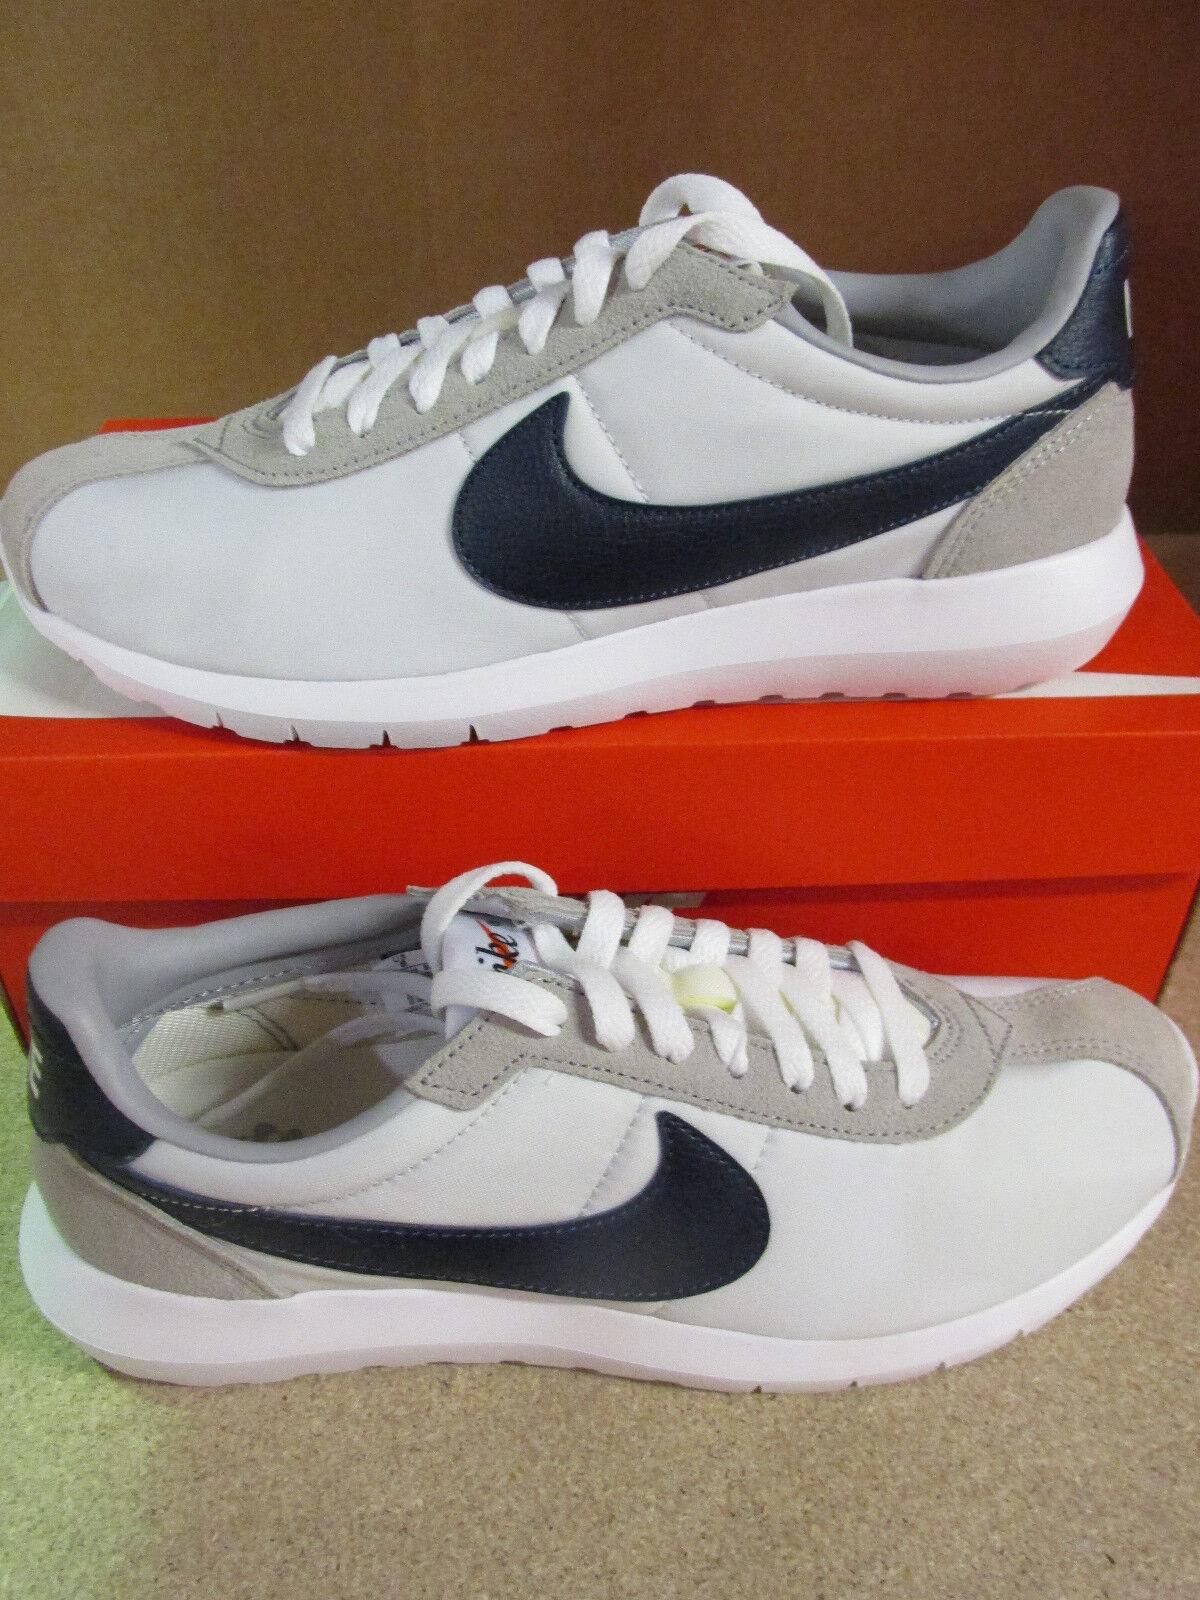 Nike roshe ld-1000 qs Uomo formatori 802022 002 scarpe, scarpe